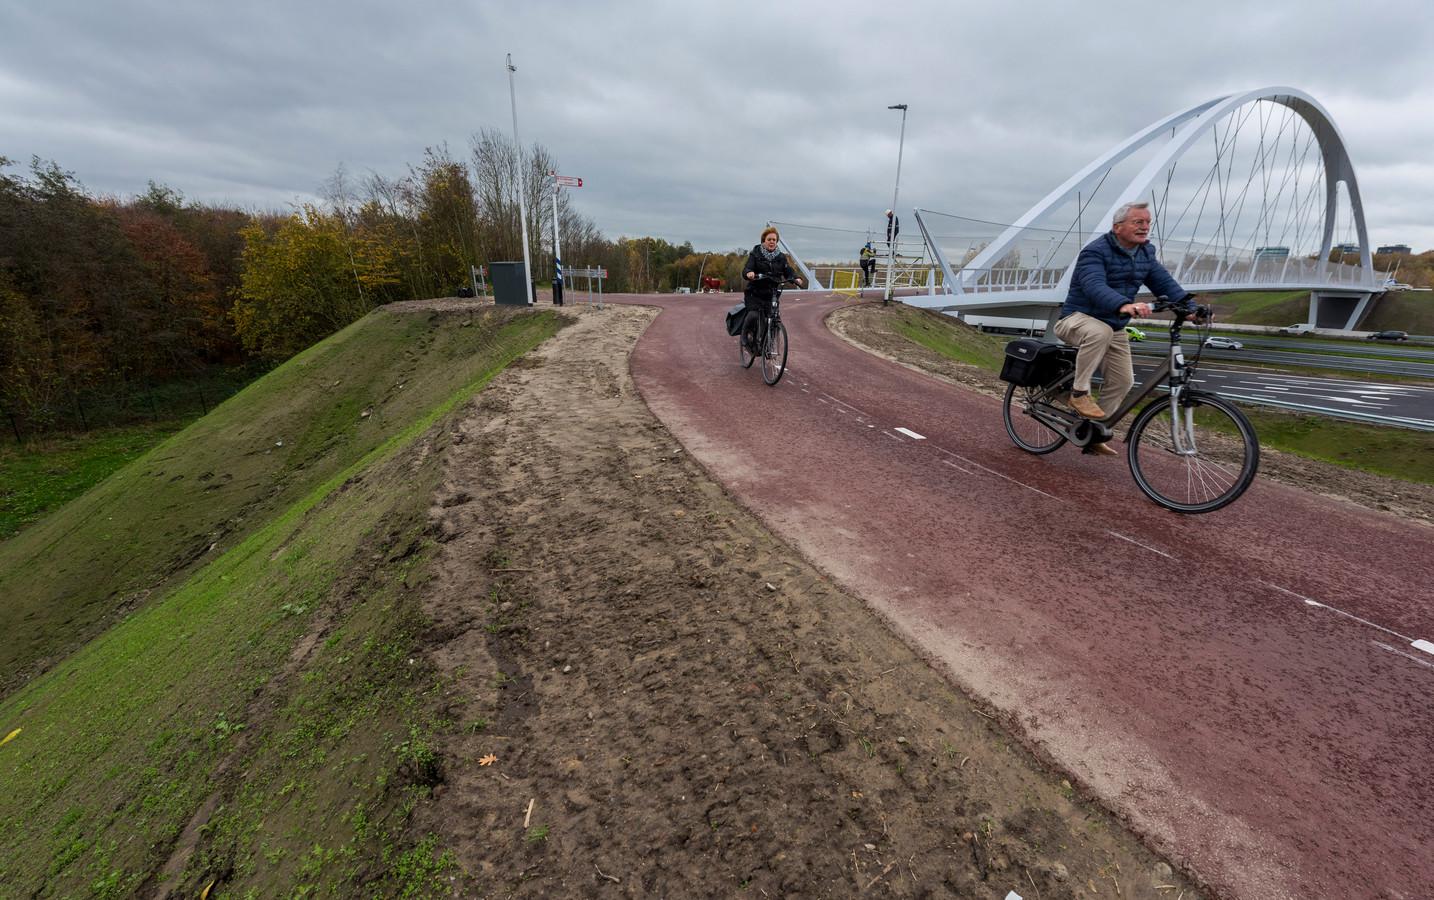 Fietsers die de fietsbrug over de A2 verlaten en de bocht maken. Langs het fietspad is het zeer steile en hoge talud zichtbaar.